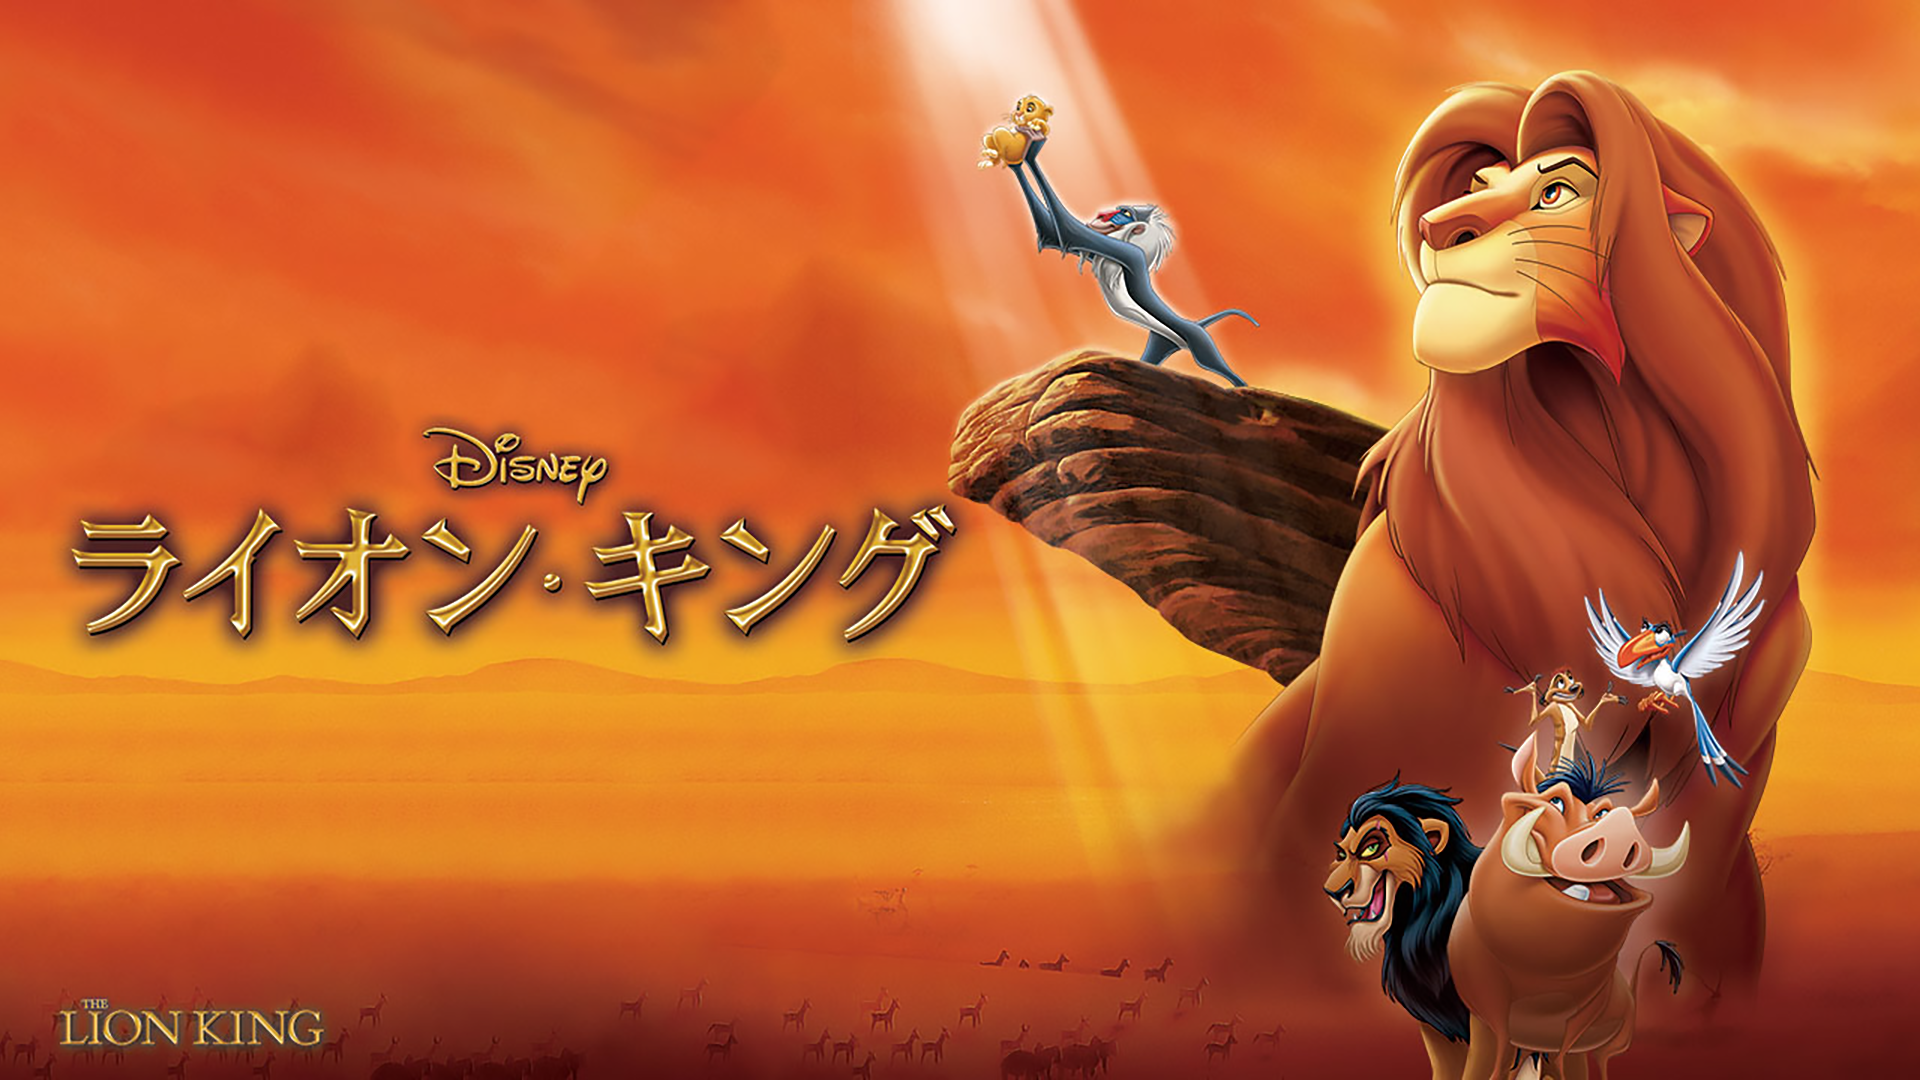 映画『ライオン・キング』無料動画をフル視聴(吹き替え・日本語字幕)できる動画配信サービスを紹介